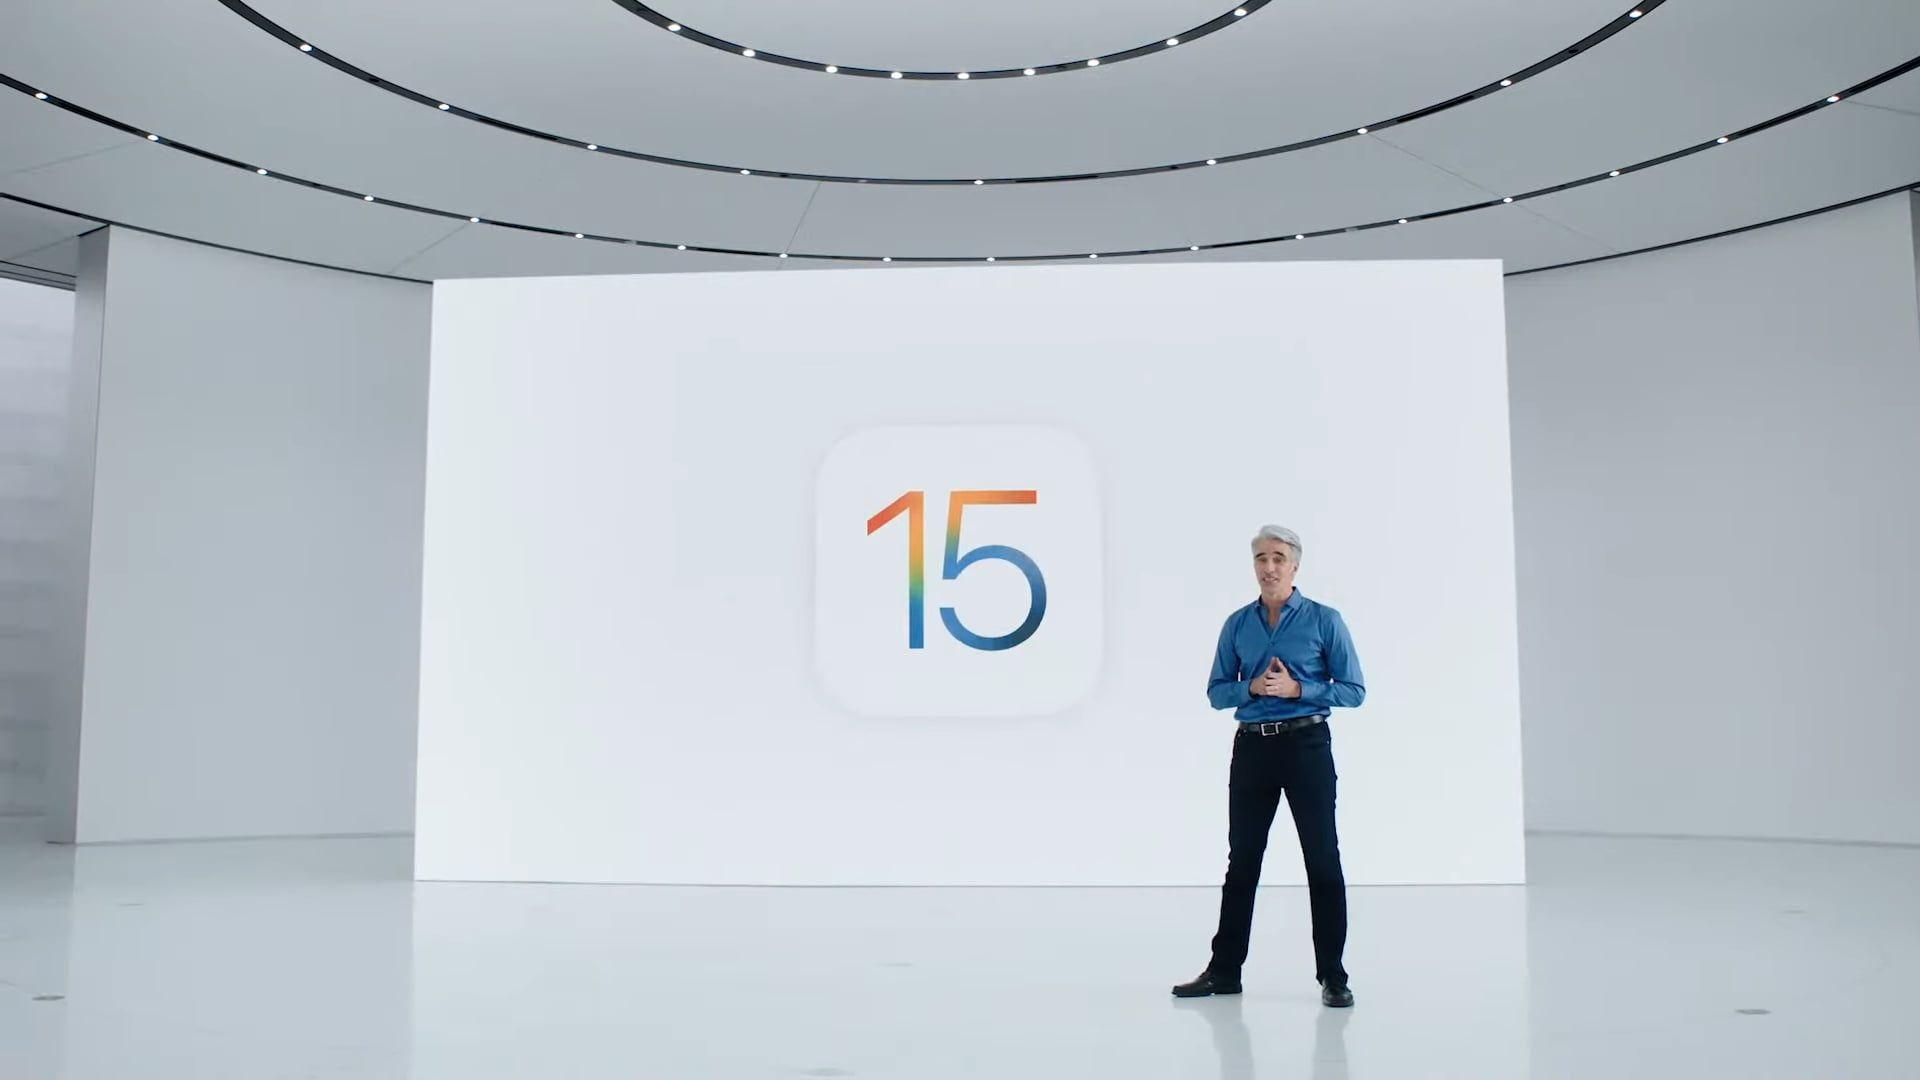 Oficjalna lista kompatybilnych iPhone'ów na których działa iOS 15